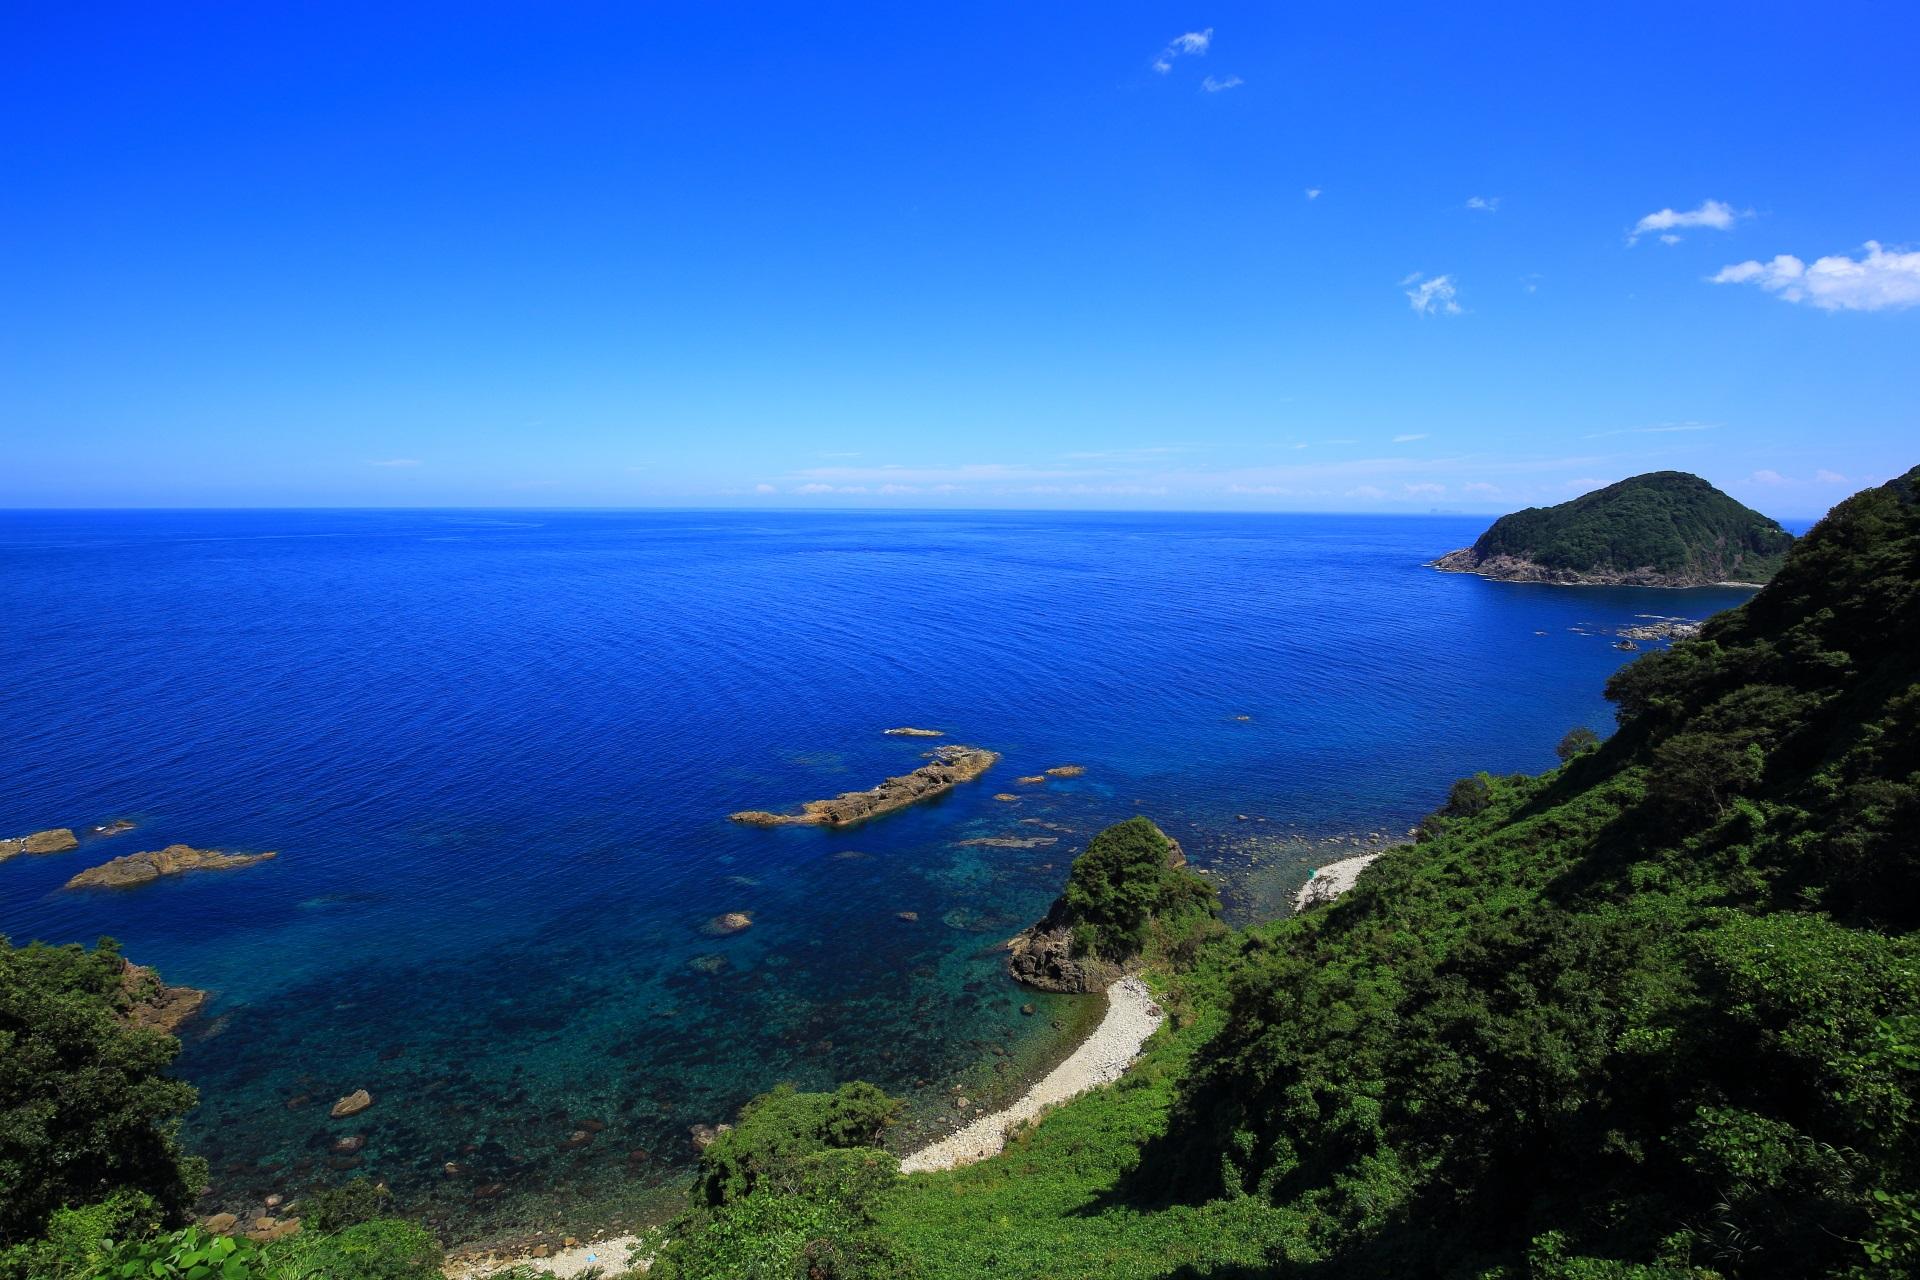 日本海とリアス式海岸の絶景